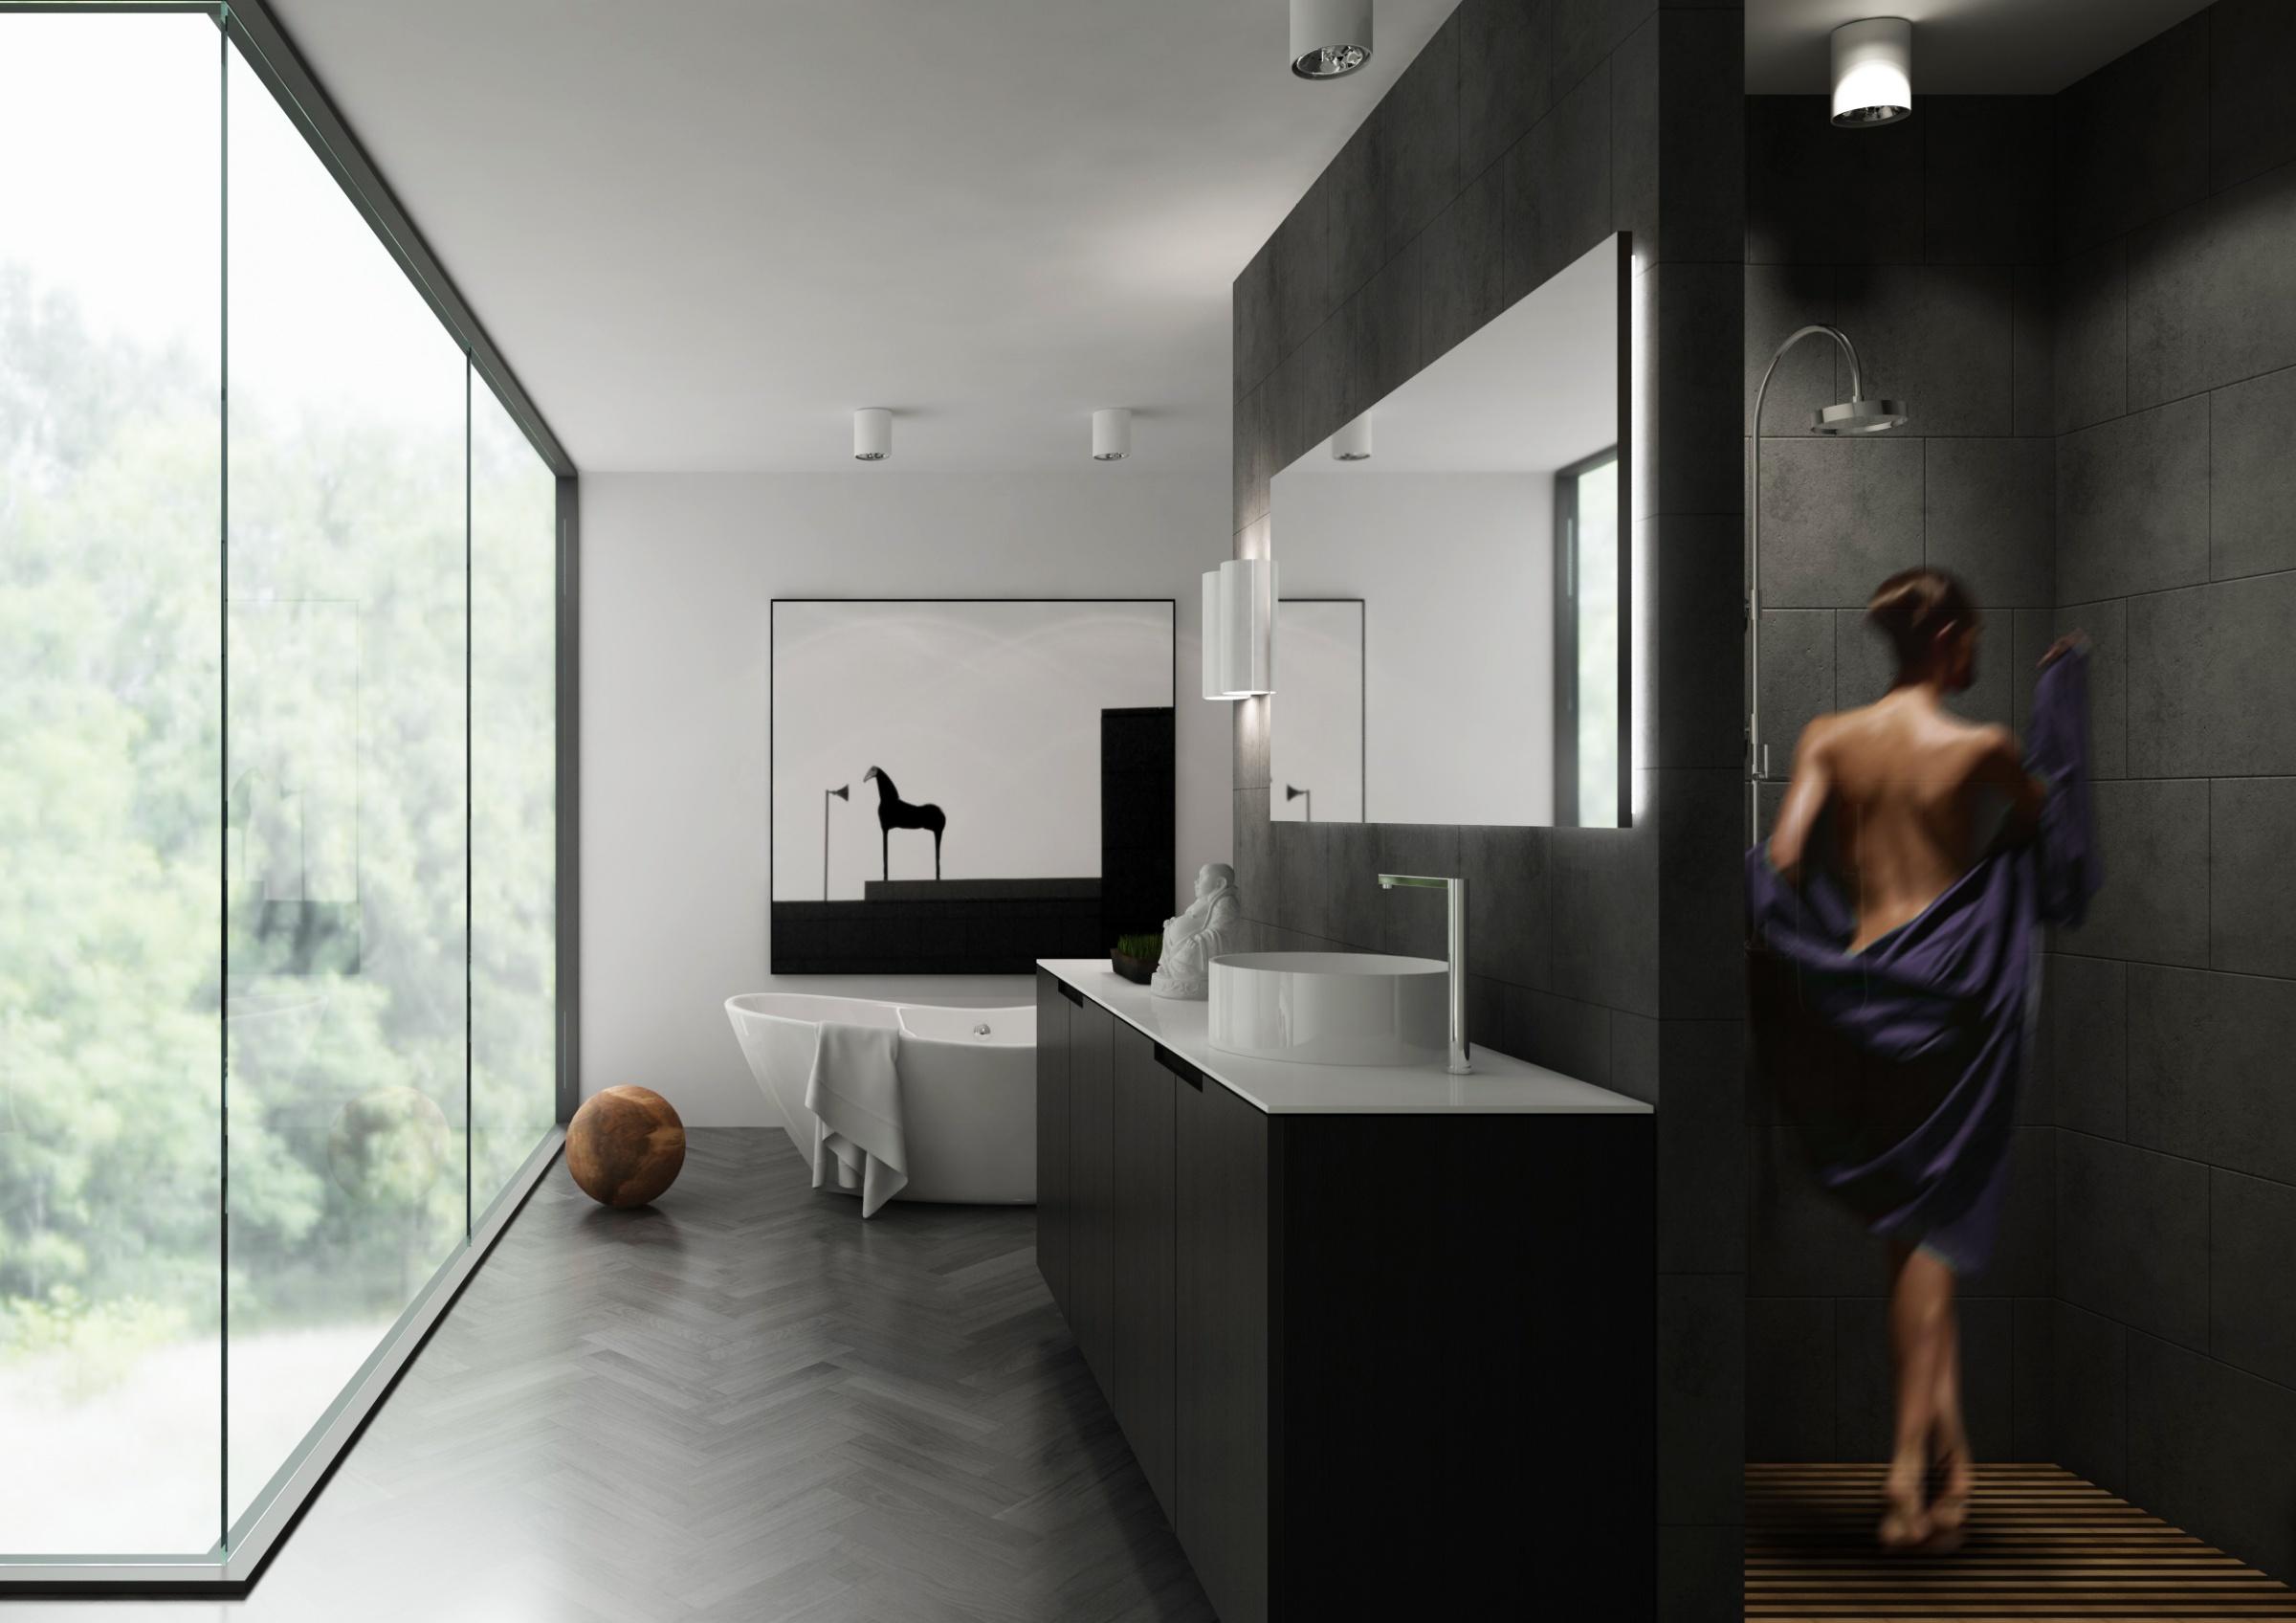 Badezimmer Architektur visualisierung badezimmer architektur visualisierung badezimmer